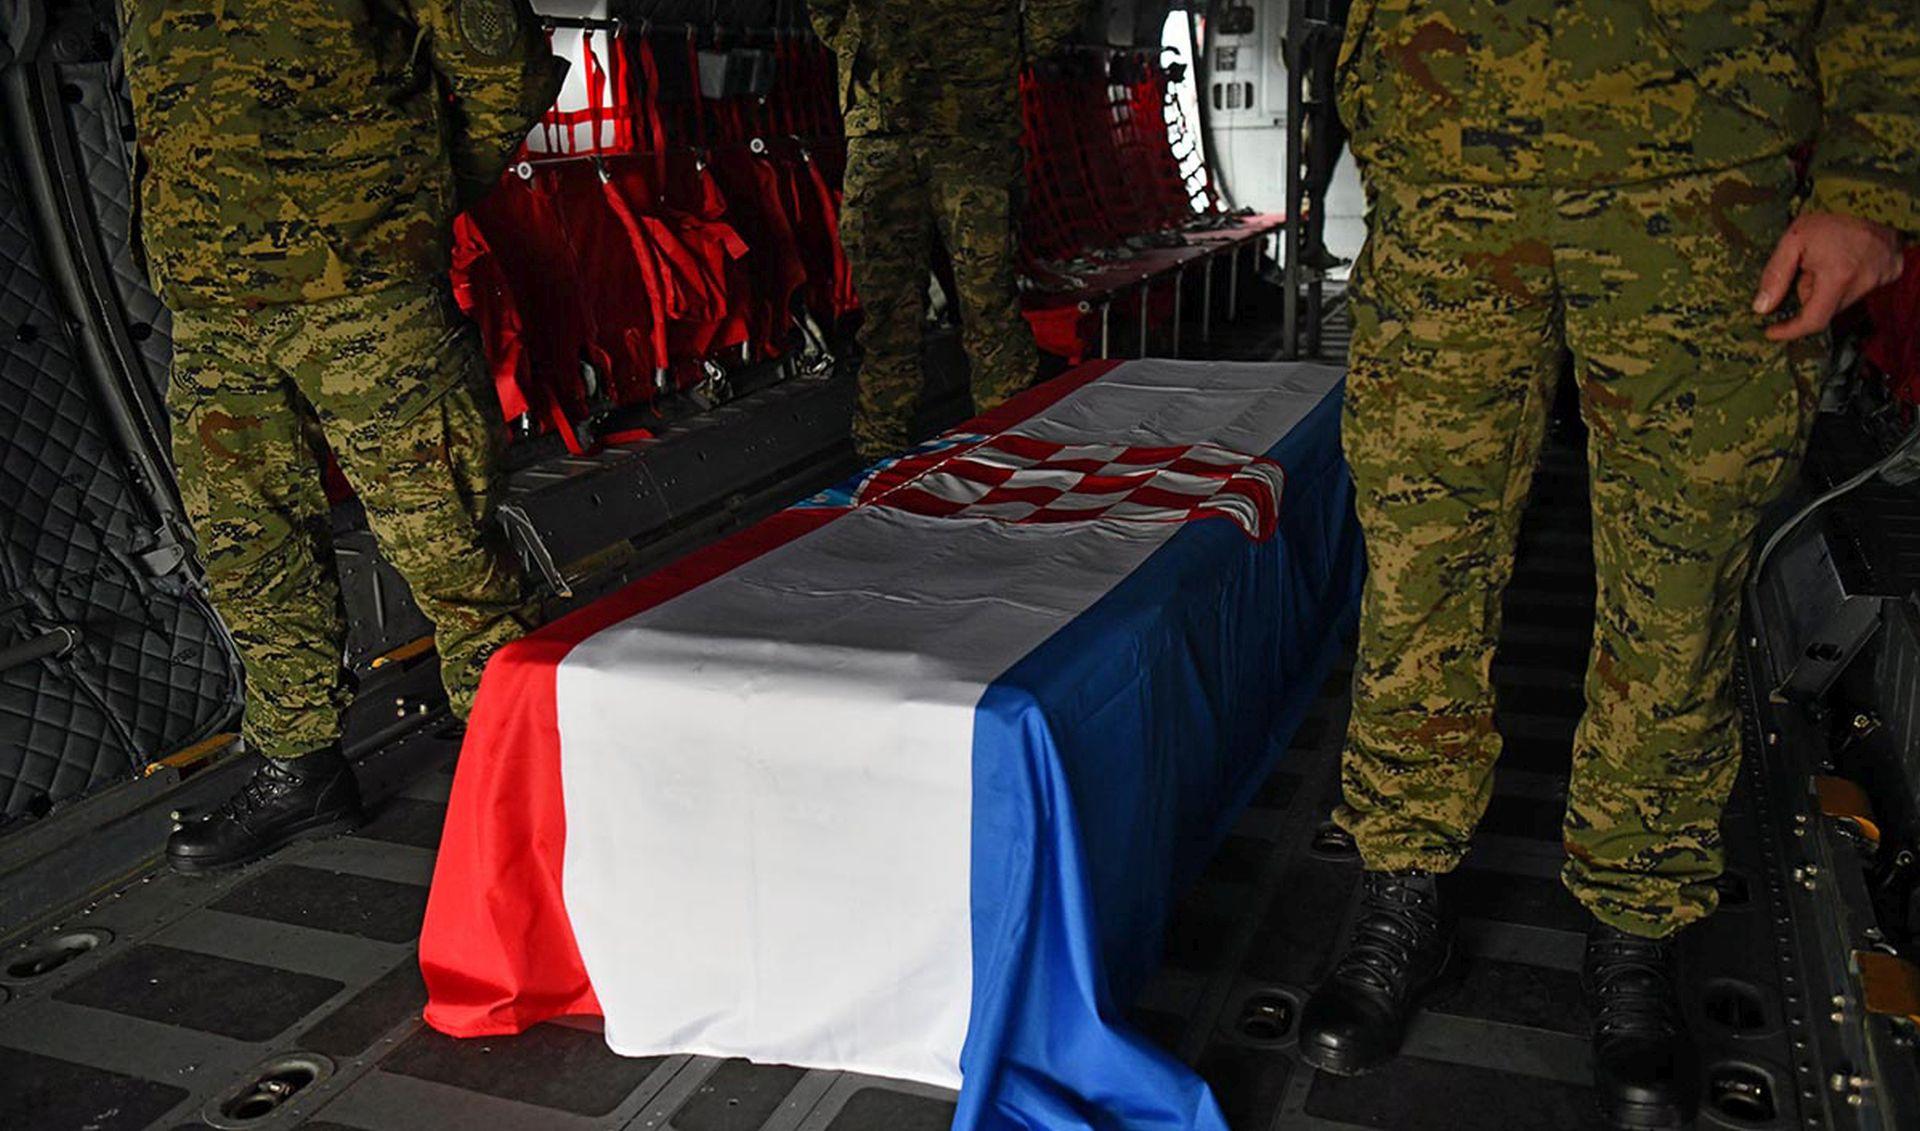 MORH: Tijelo umrlog pripadnika OS RH prevezeno iz Litve u Hrvatsku